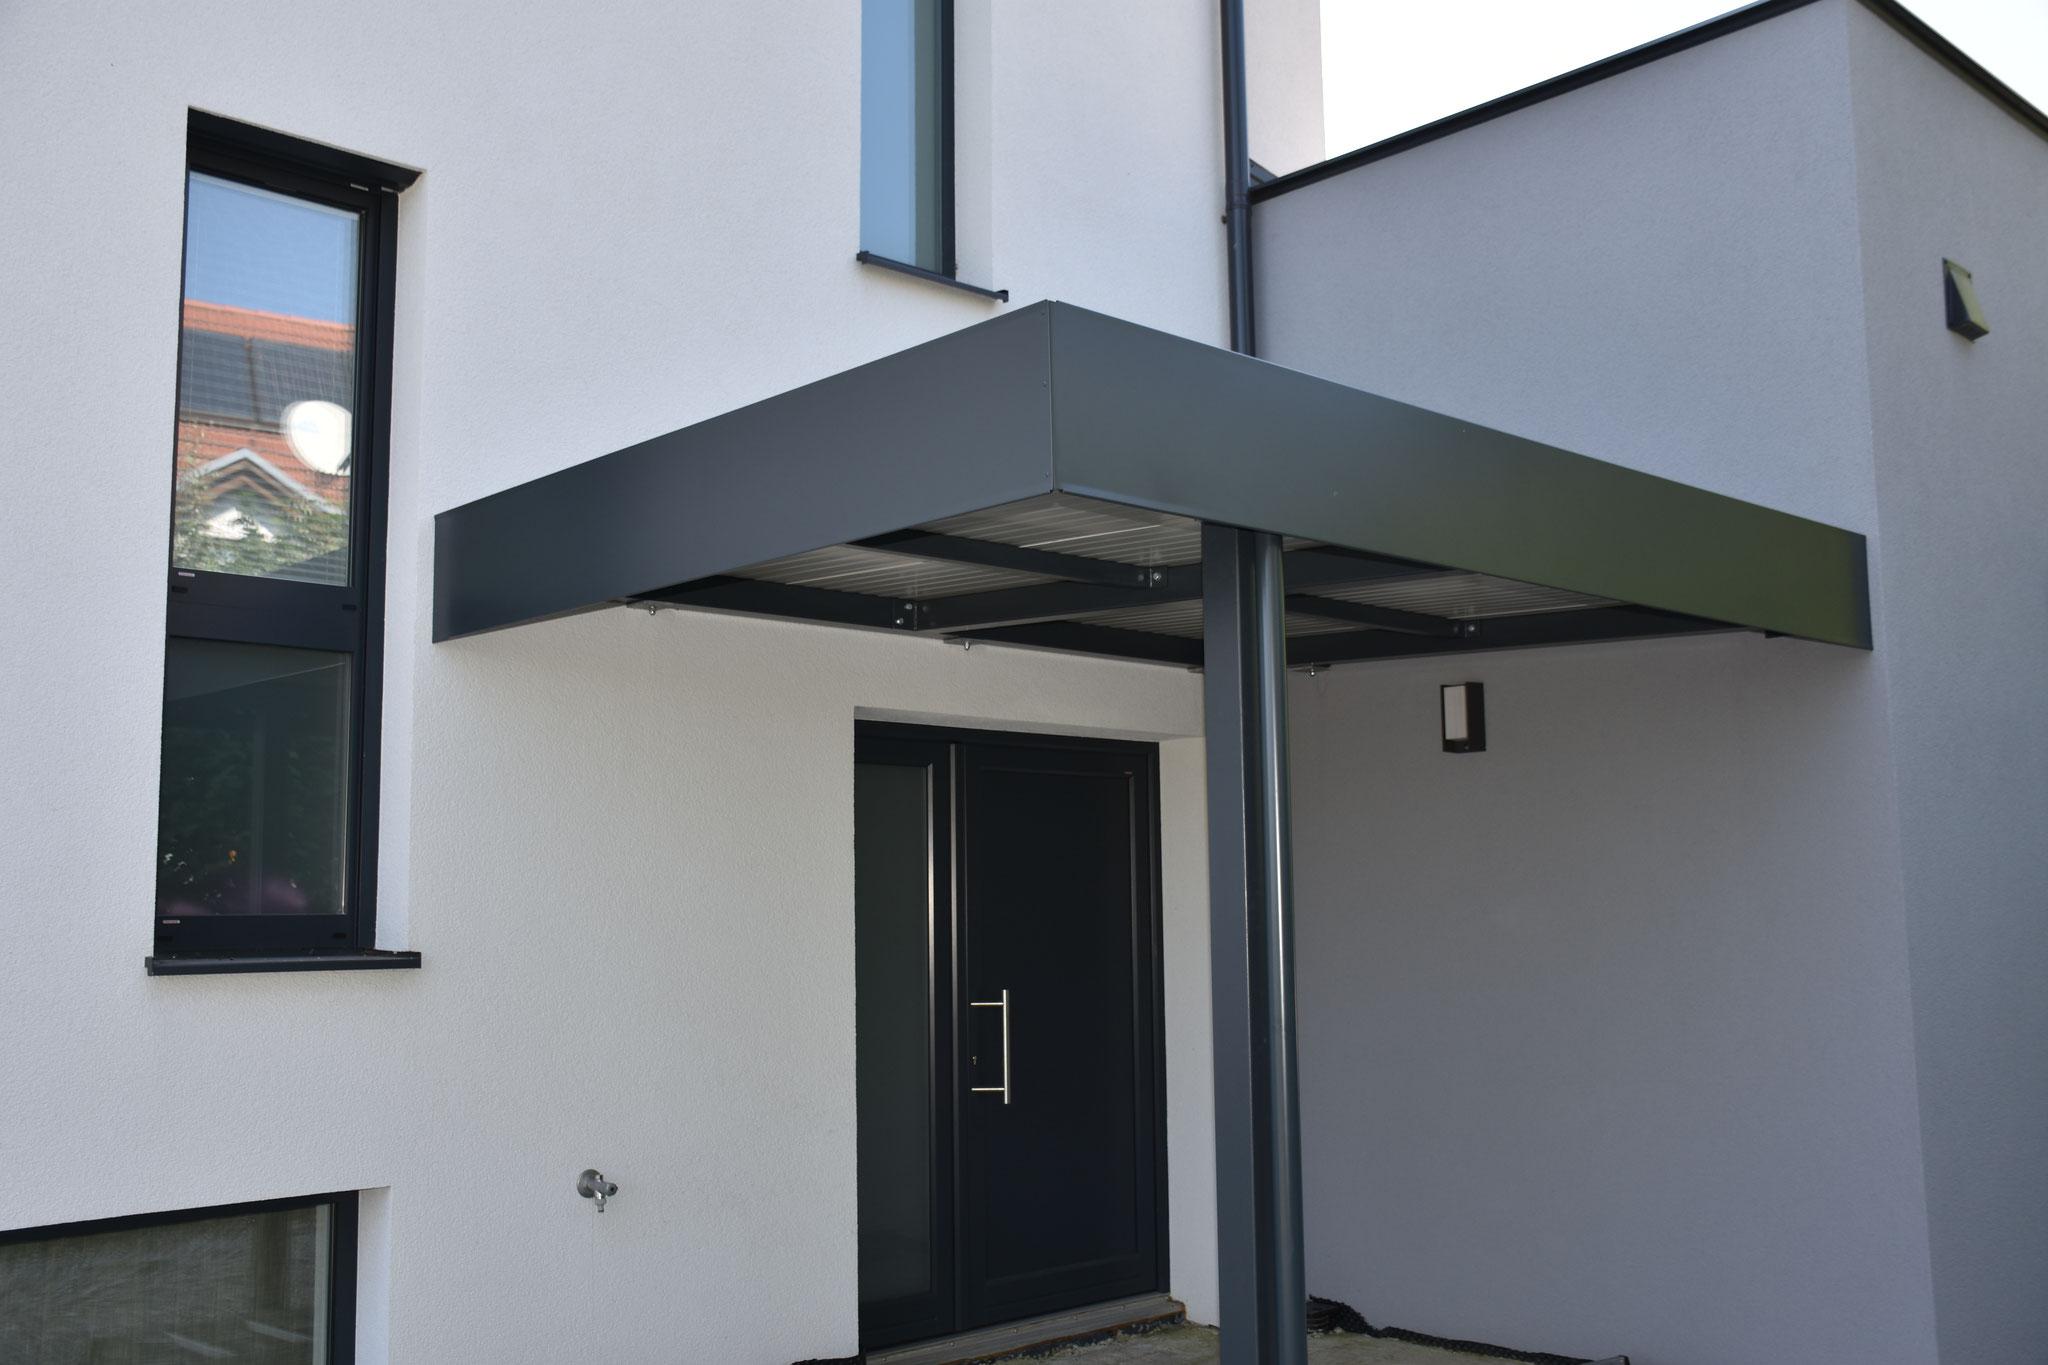 Faszinierend Eingangsüberdachung L Form Beste Wahl Regen- Oder Schneeabhilfe Schaffen Mit Der Eingangsüberdachung!